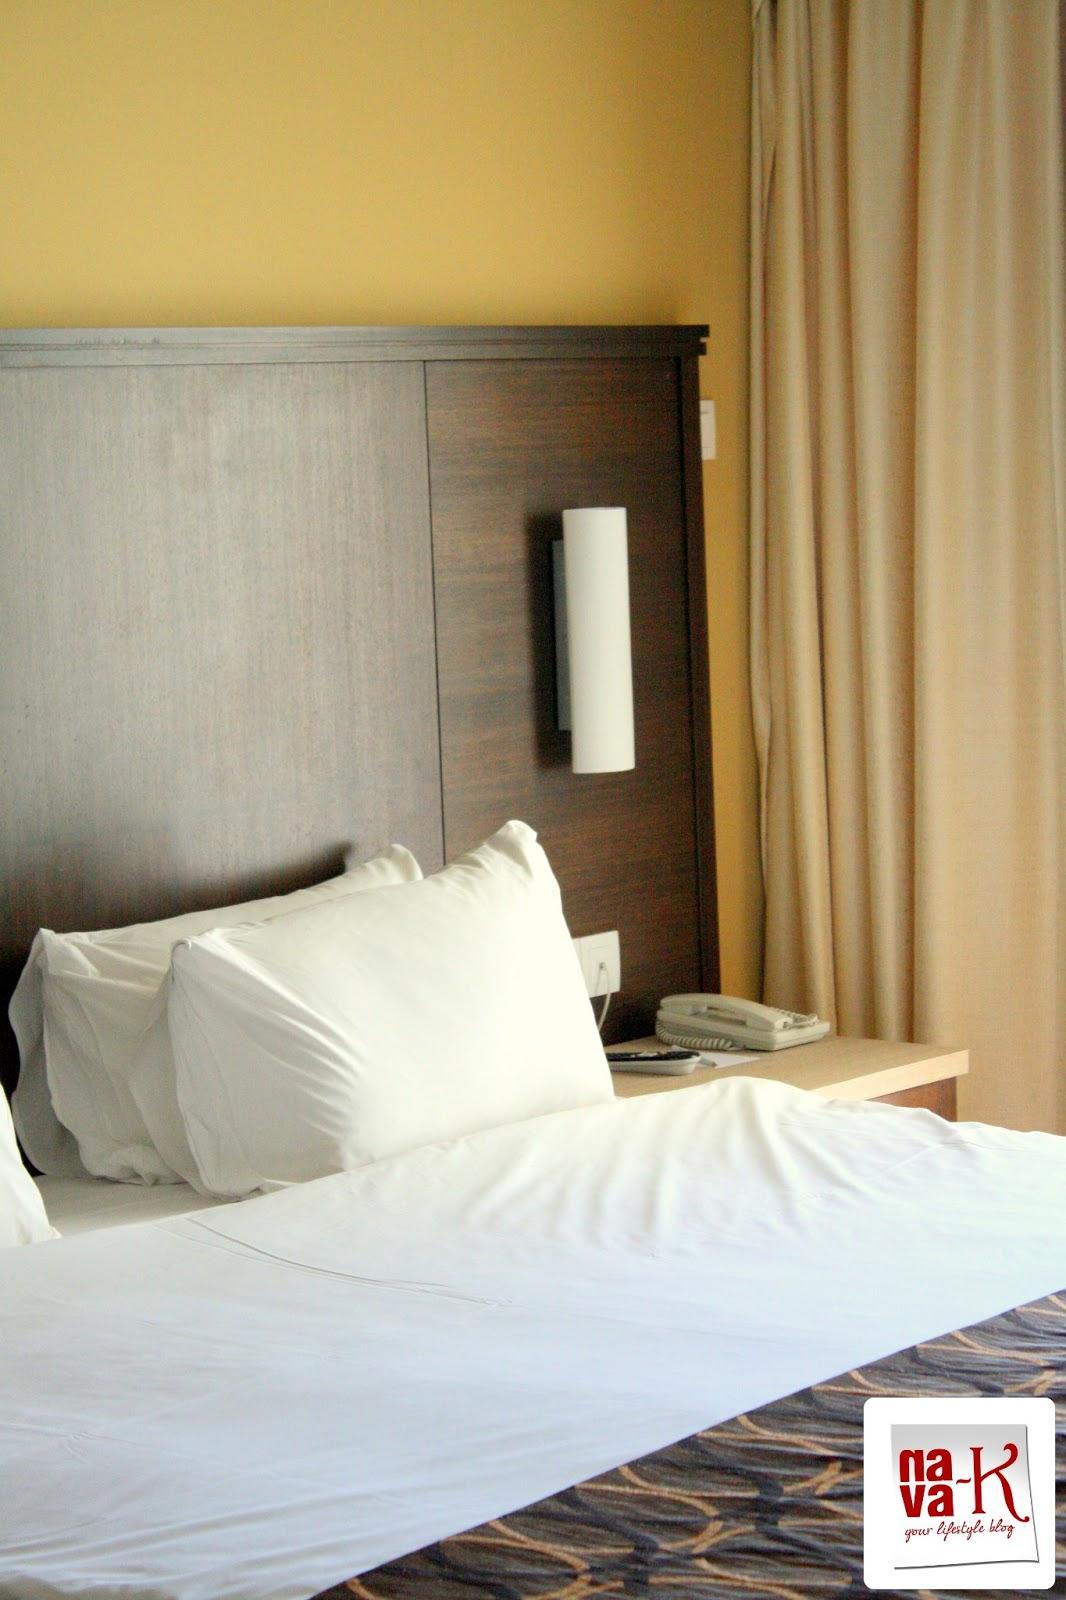 2 Bedroom Suites In Savannah Ga: 2 Bedroom Suite (Jalan Tanjung